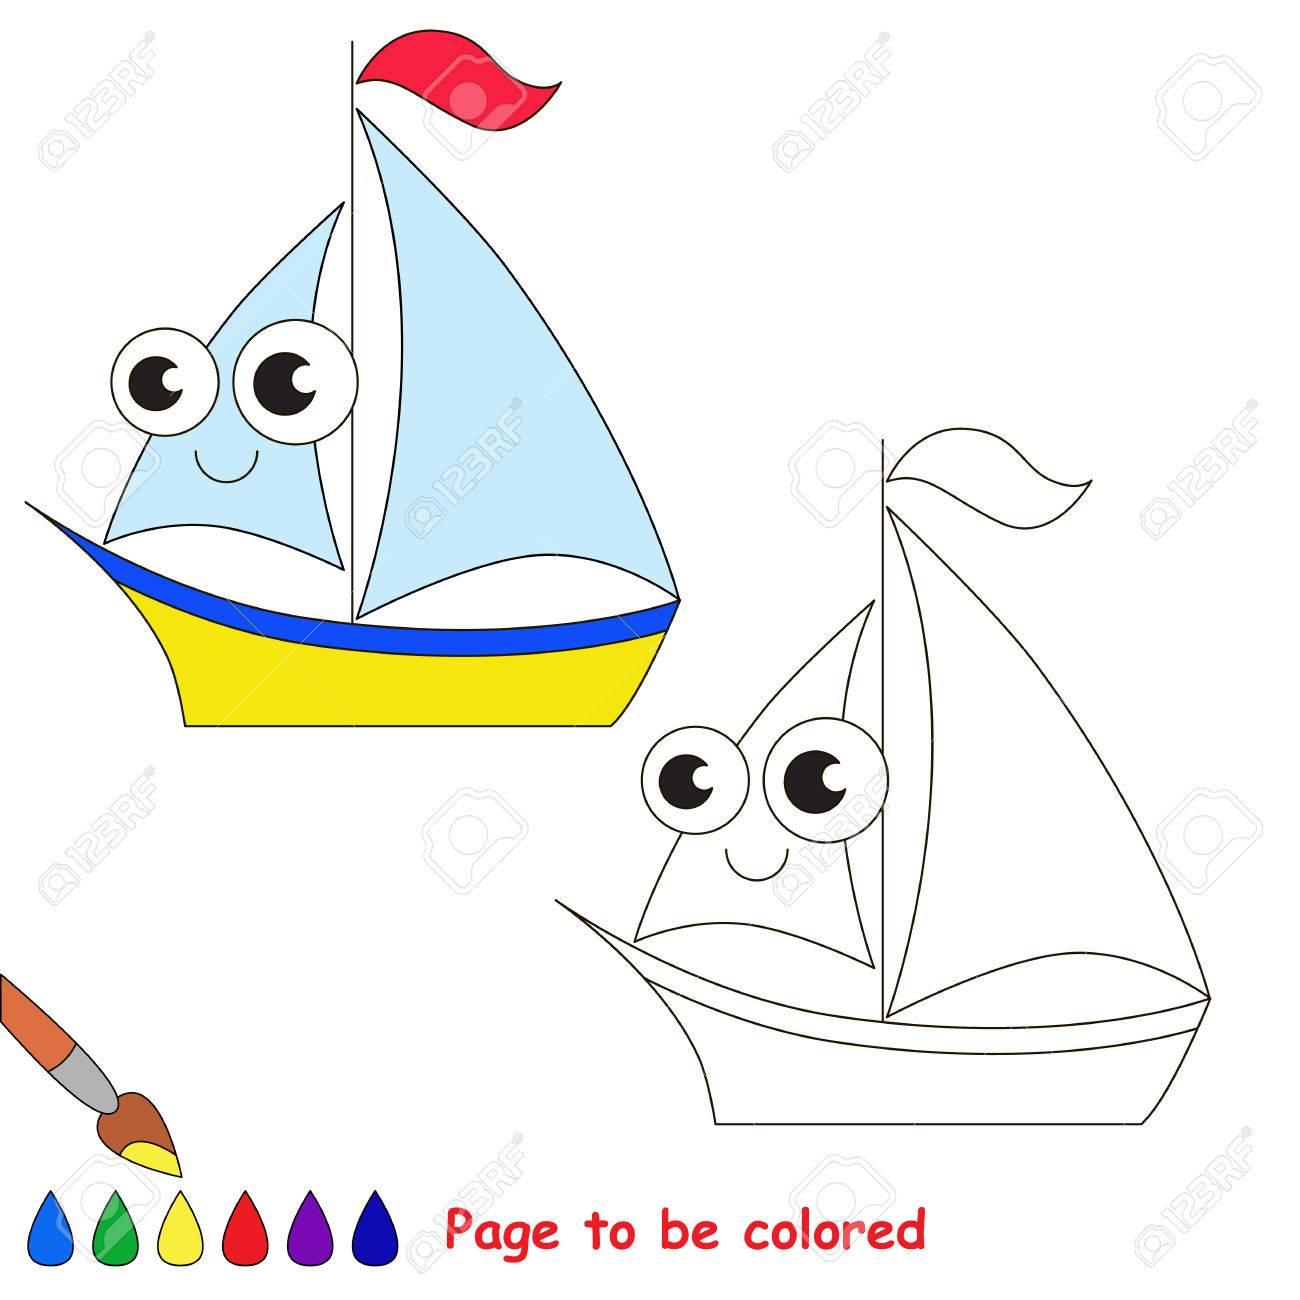 Bateau Coloriage Couleur.Bateau Jaune A Colorer Livre A Colorier Pour Eduquer Les Enfants Apprenez Couleurs Jeu Educatif Visuel Facile Jeu D Enfant Et De L Education